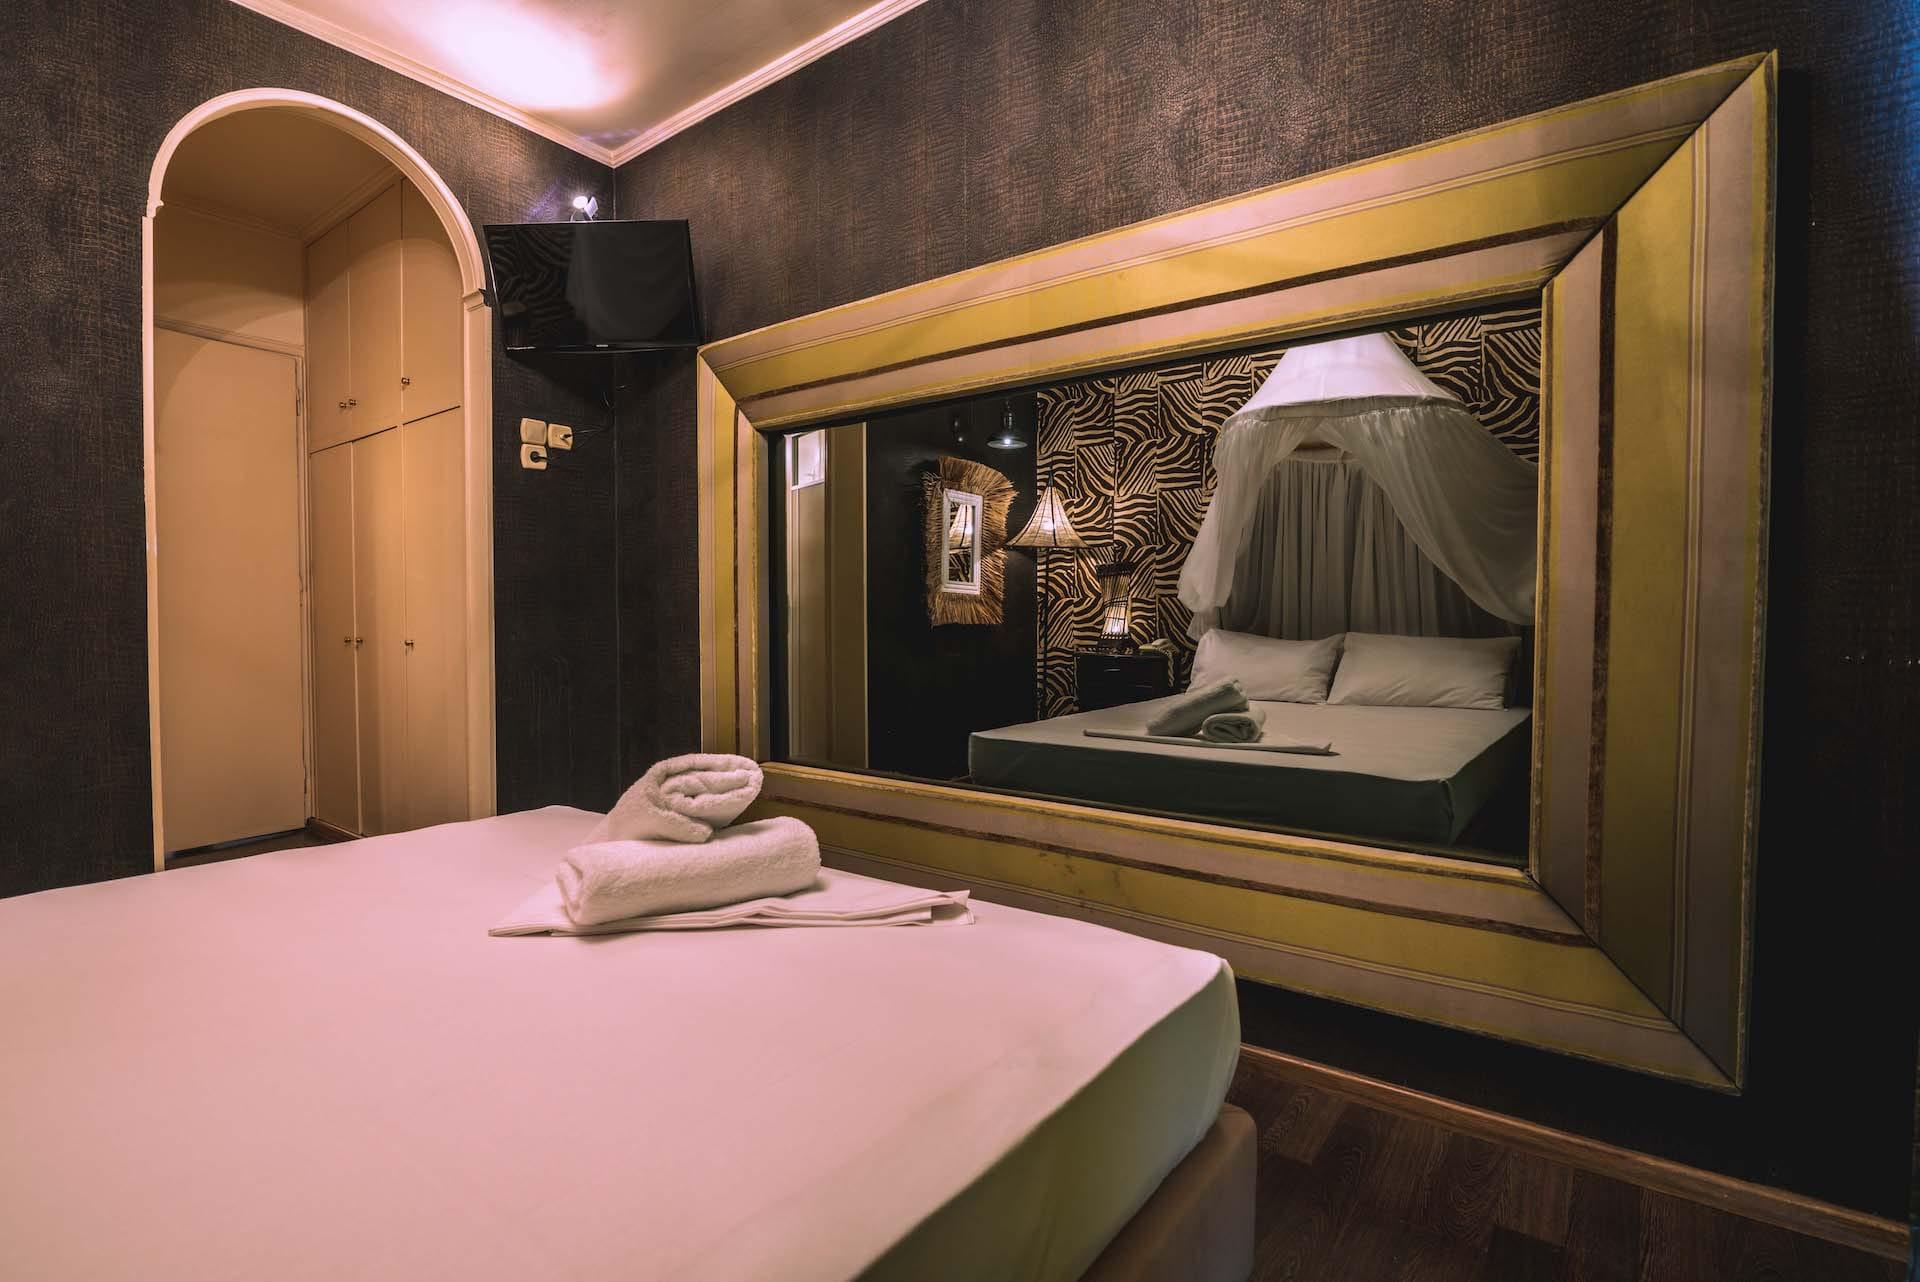 Το δωμάτιο Fantasy Room 110 στα Ruby Rooms στην Κηφισιά και τα Βόρεια Προάστια. €30 ημιδιαμονή.